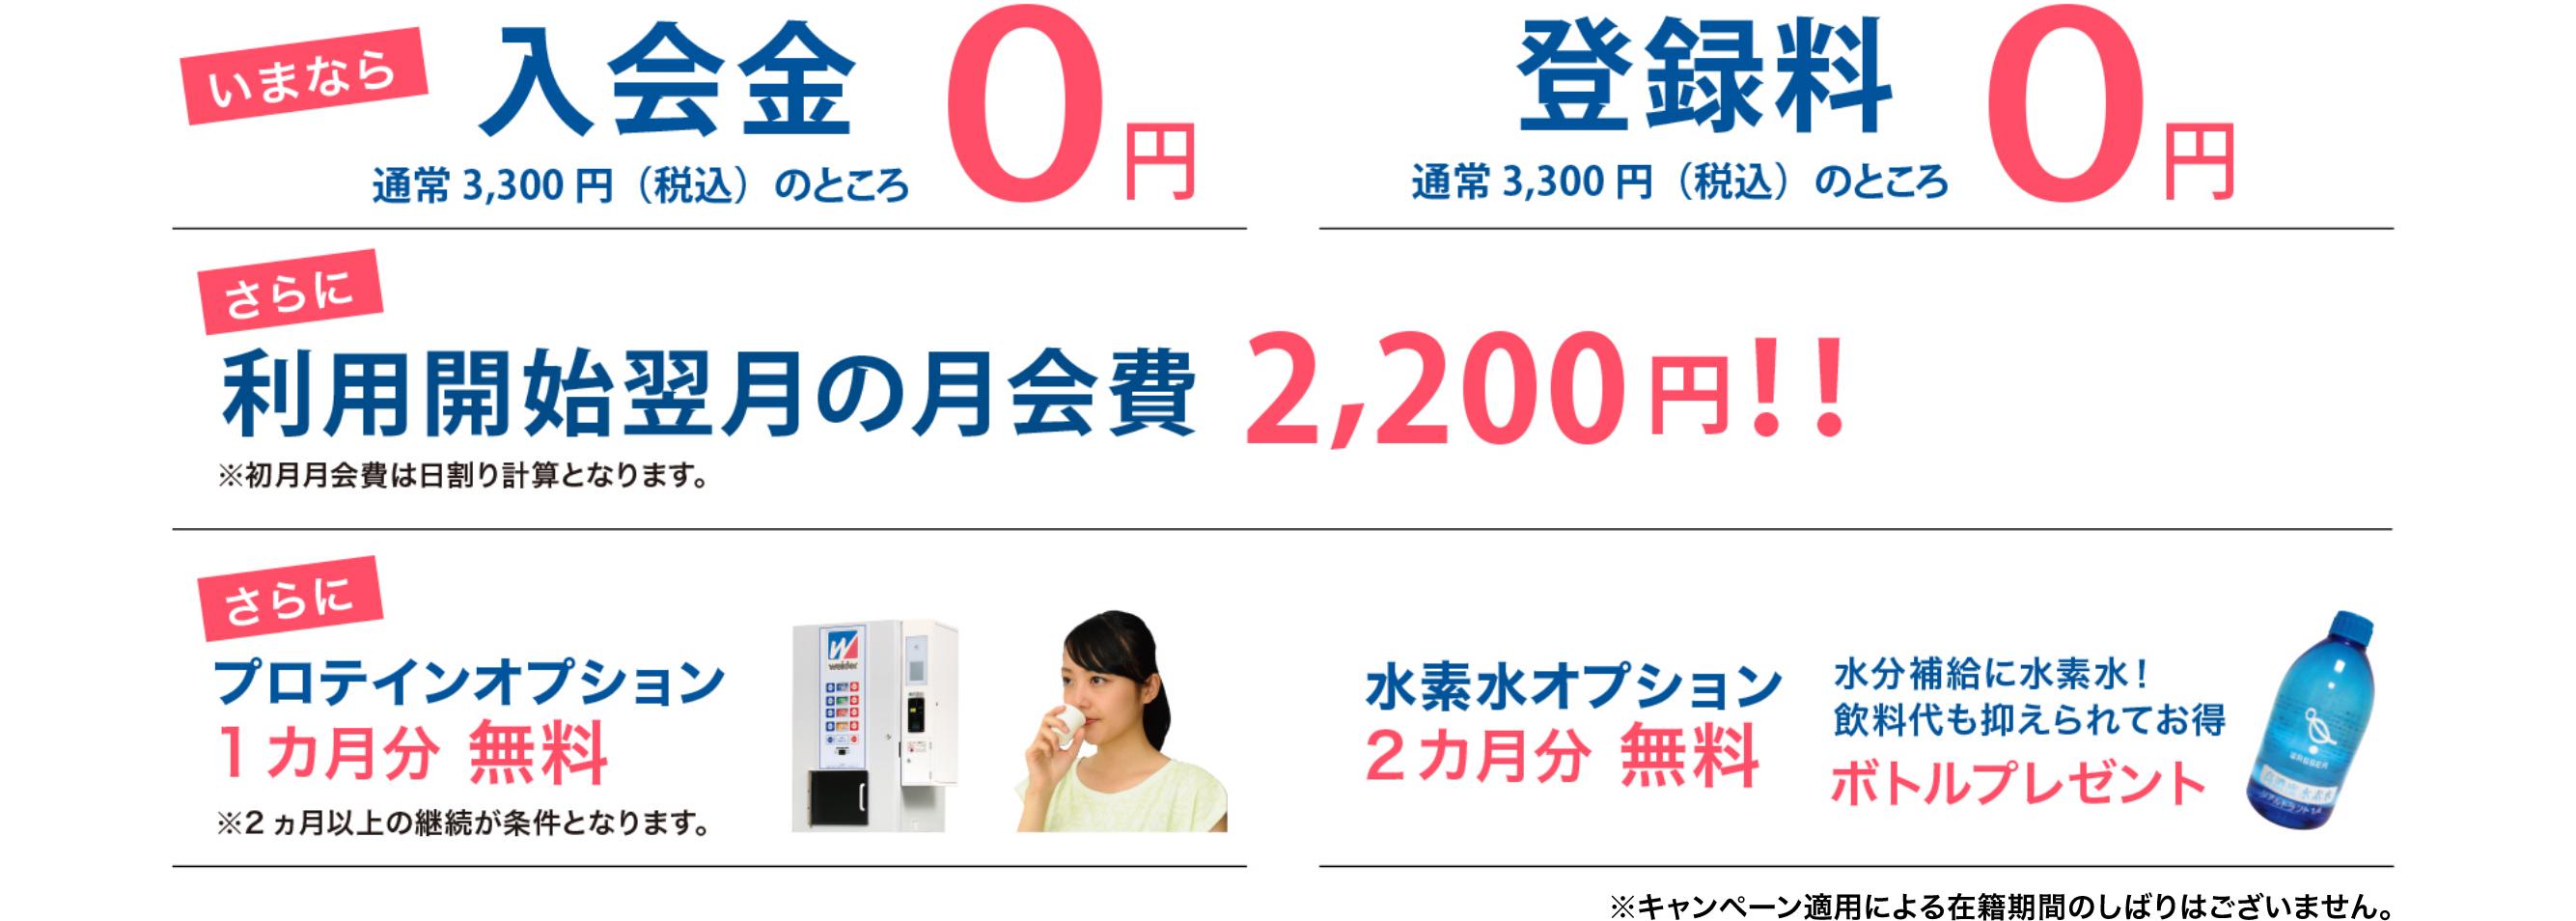 入会金0円 登録料0円